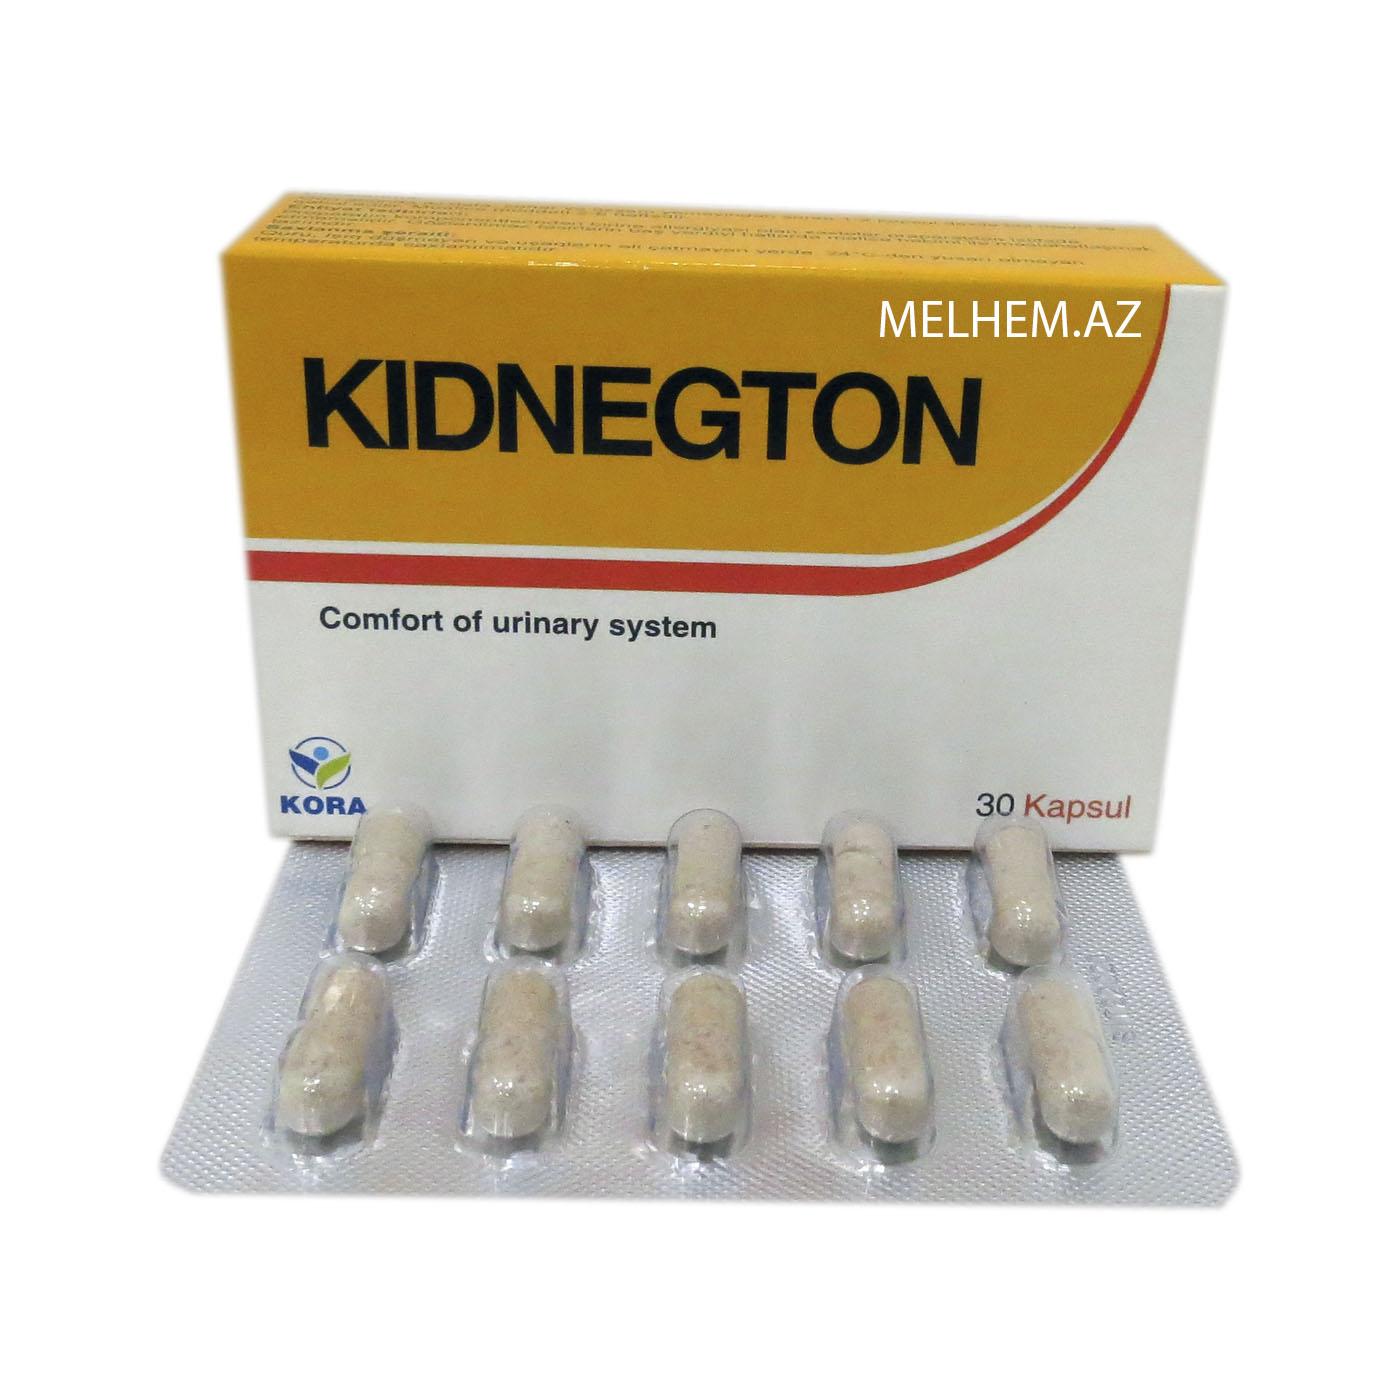 KIDNEGTON